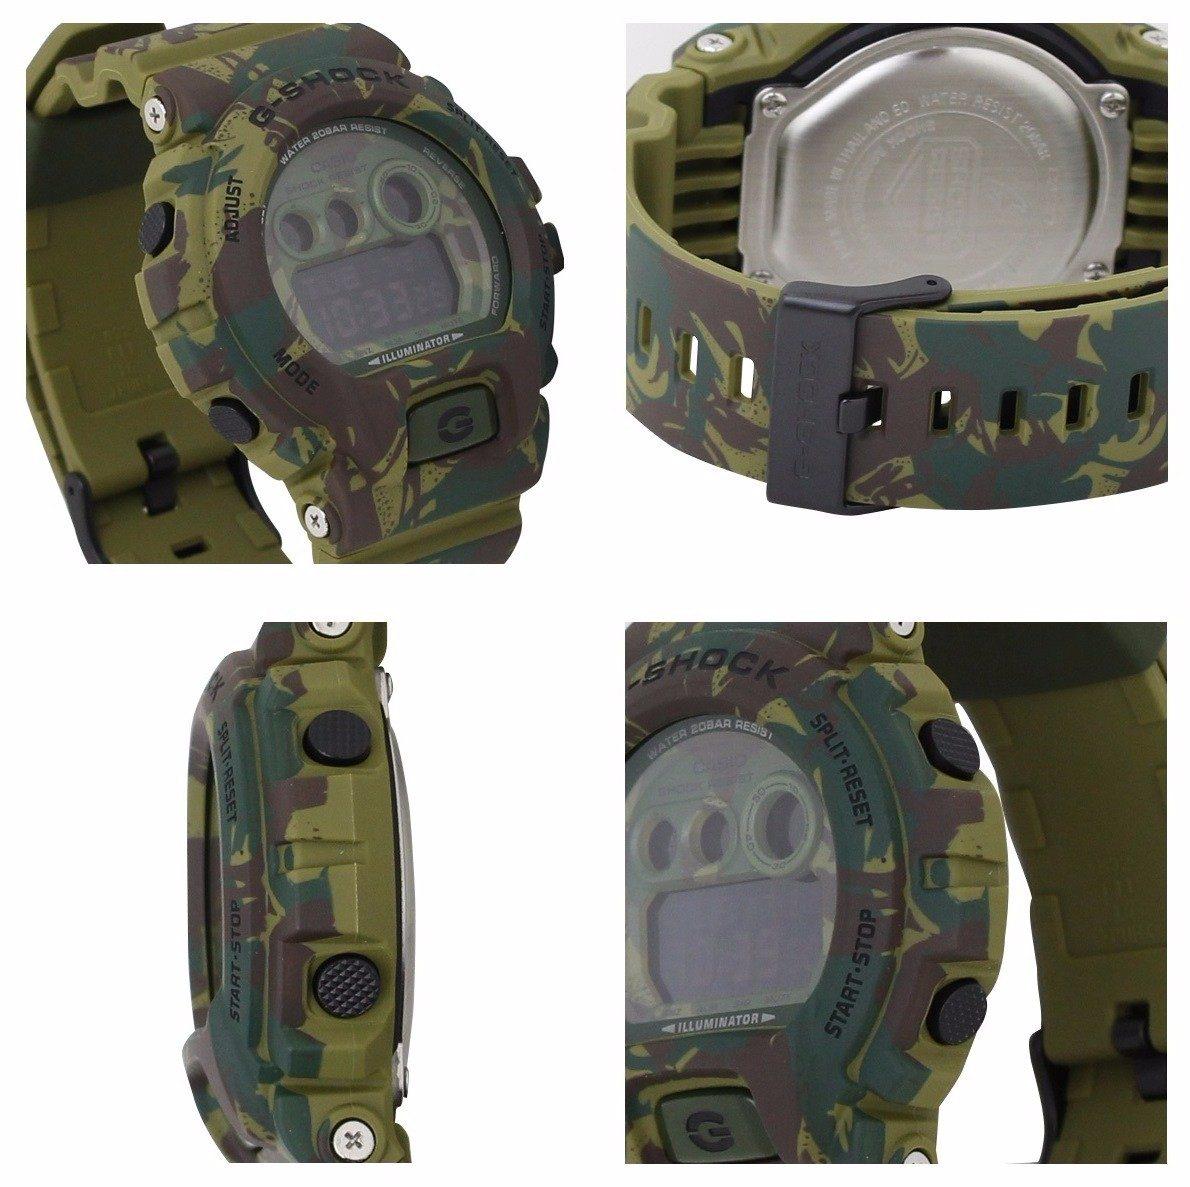 d6232769bfc relógio casio g-shock gd-x6900 cm3d alarmes gdx-6900 wr200m. Carregando  zoom.